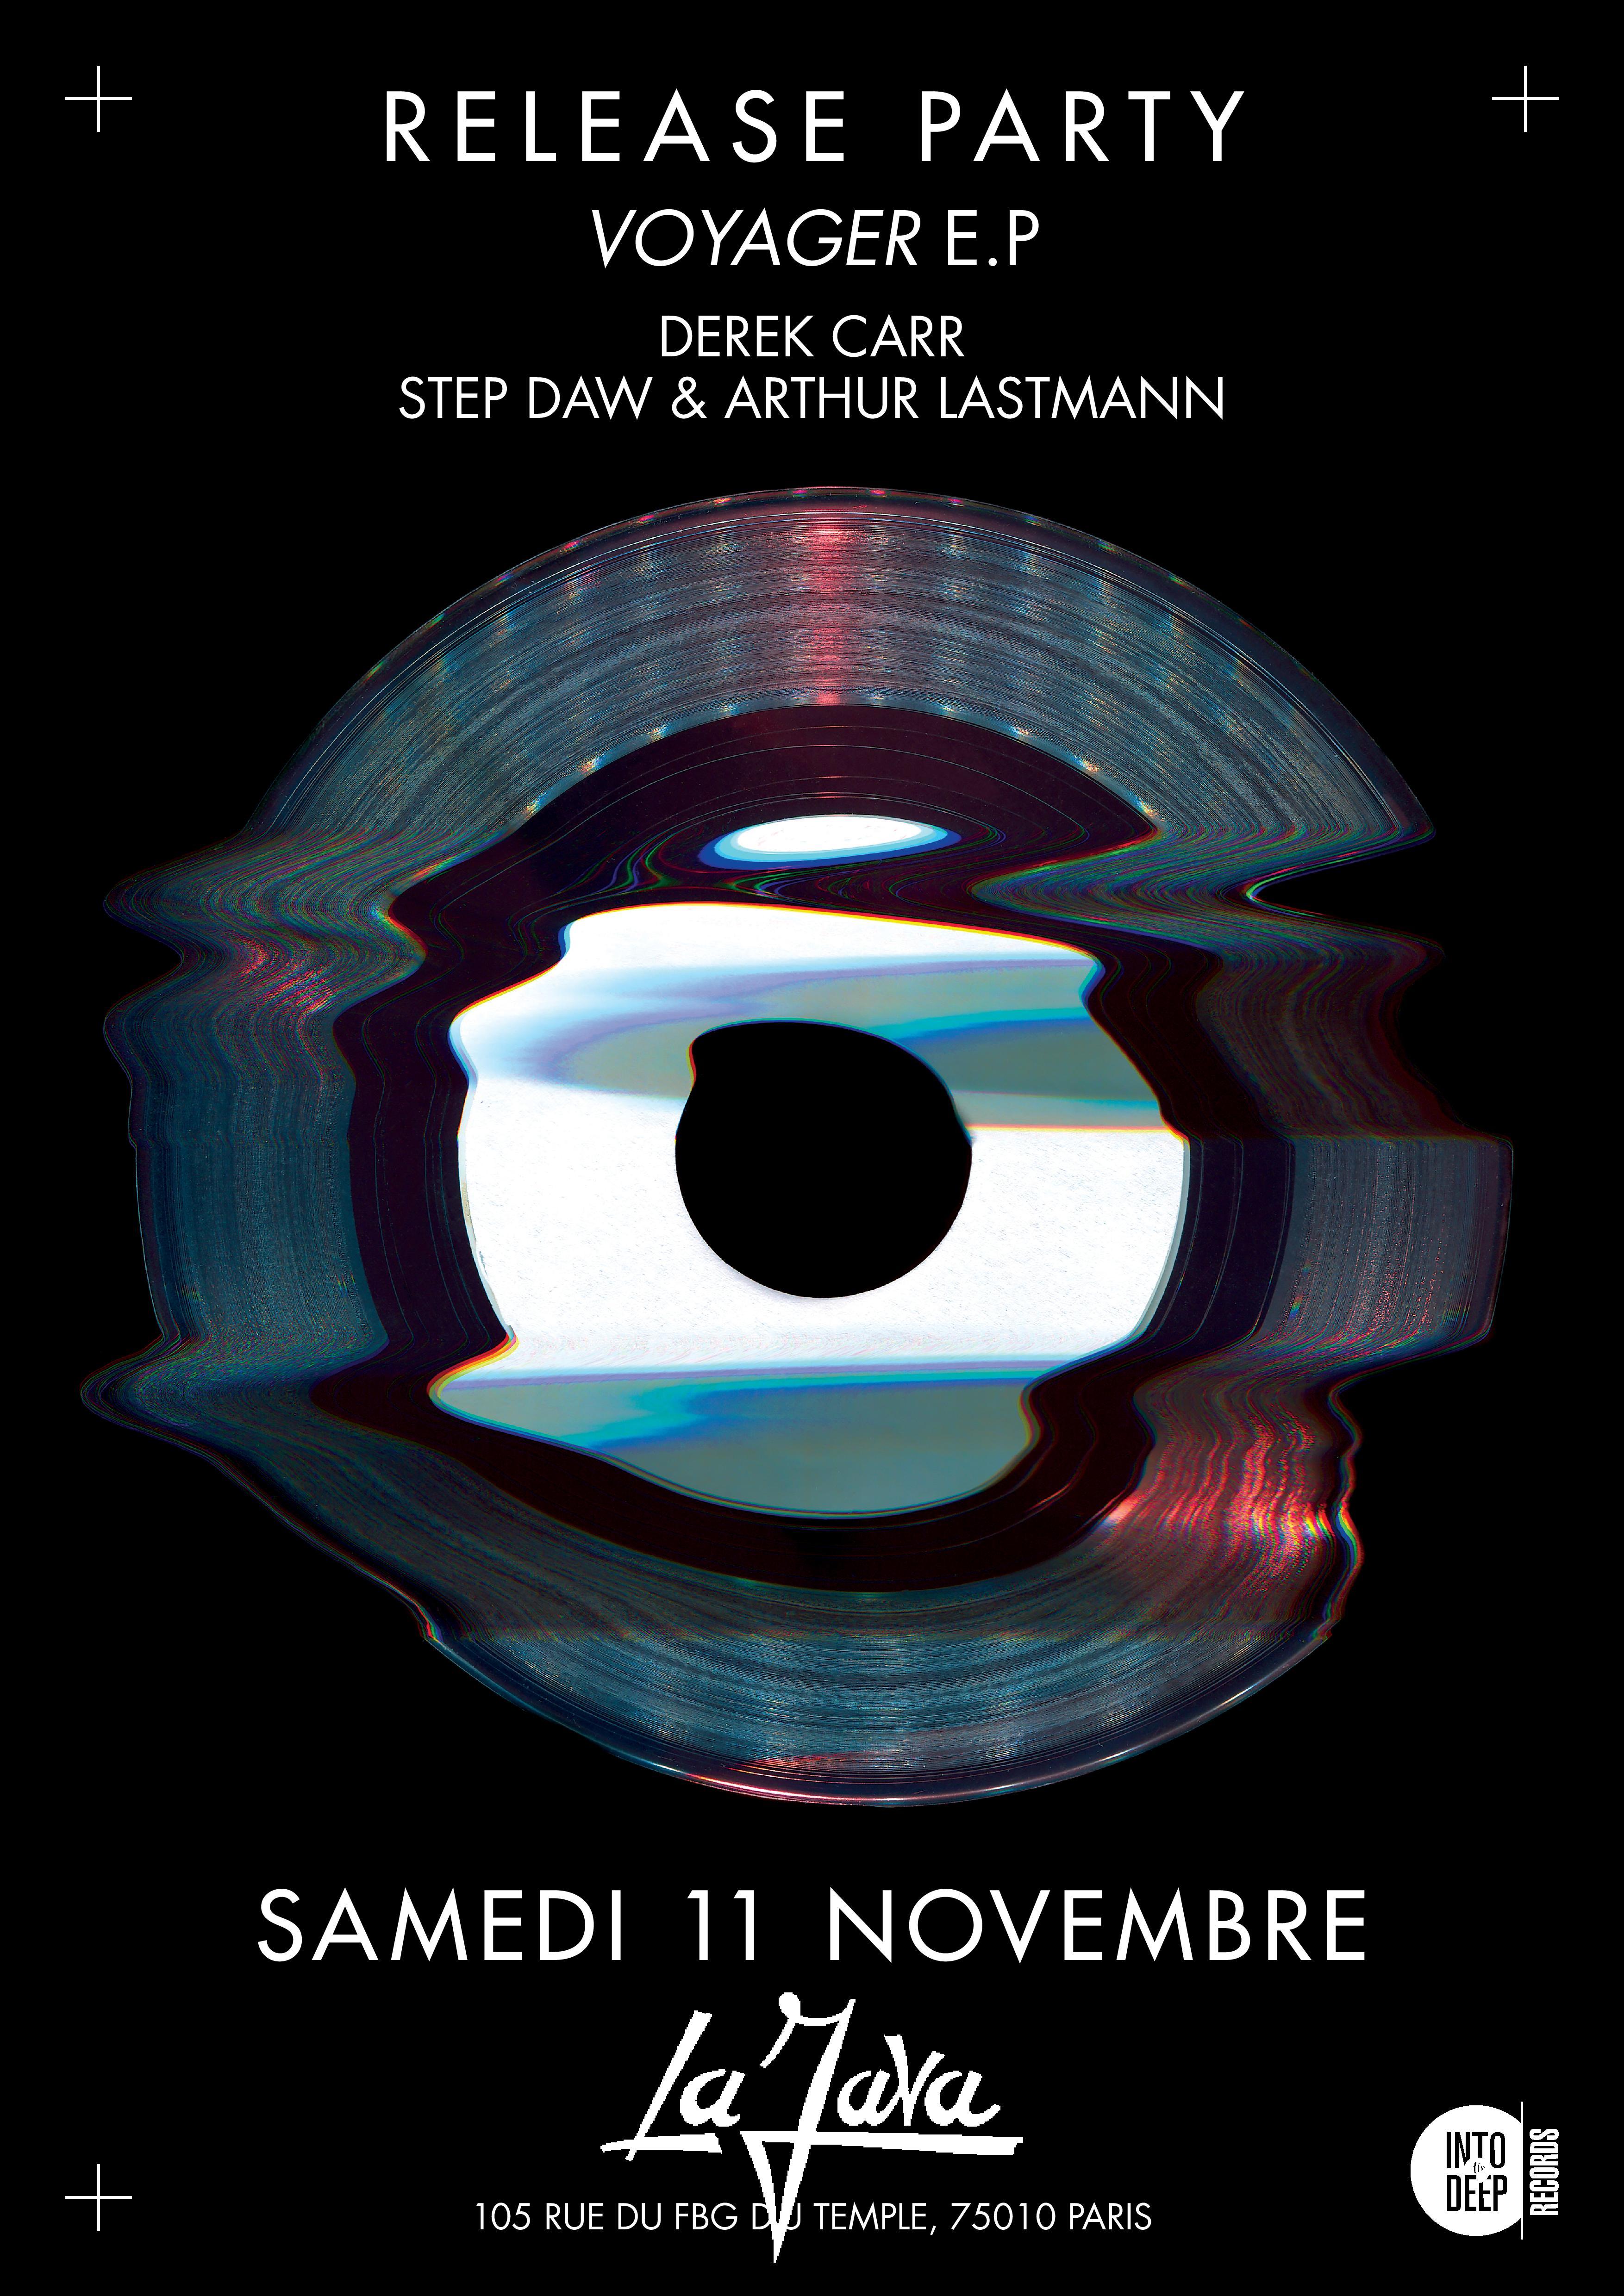 Itrd003 release party w Derek Carr, Step Daw, Arthur Lastmann